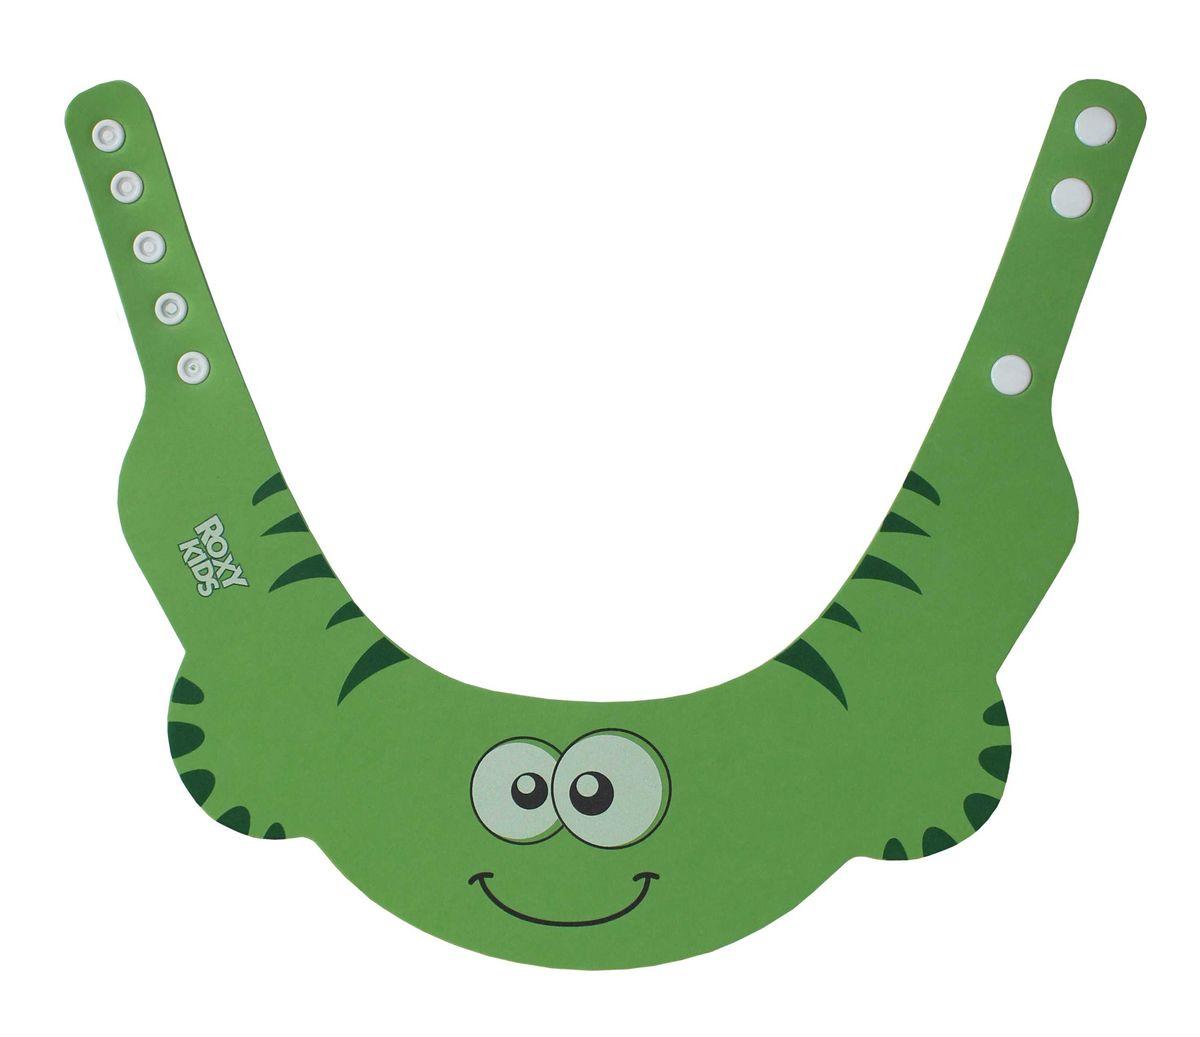 Roxy-kids Козырек защитный для мытья головы цвет зеленый -  Контейнеры для игрушек, ковши